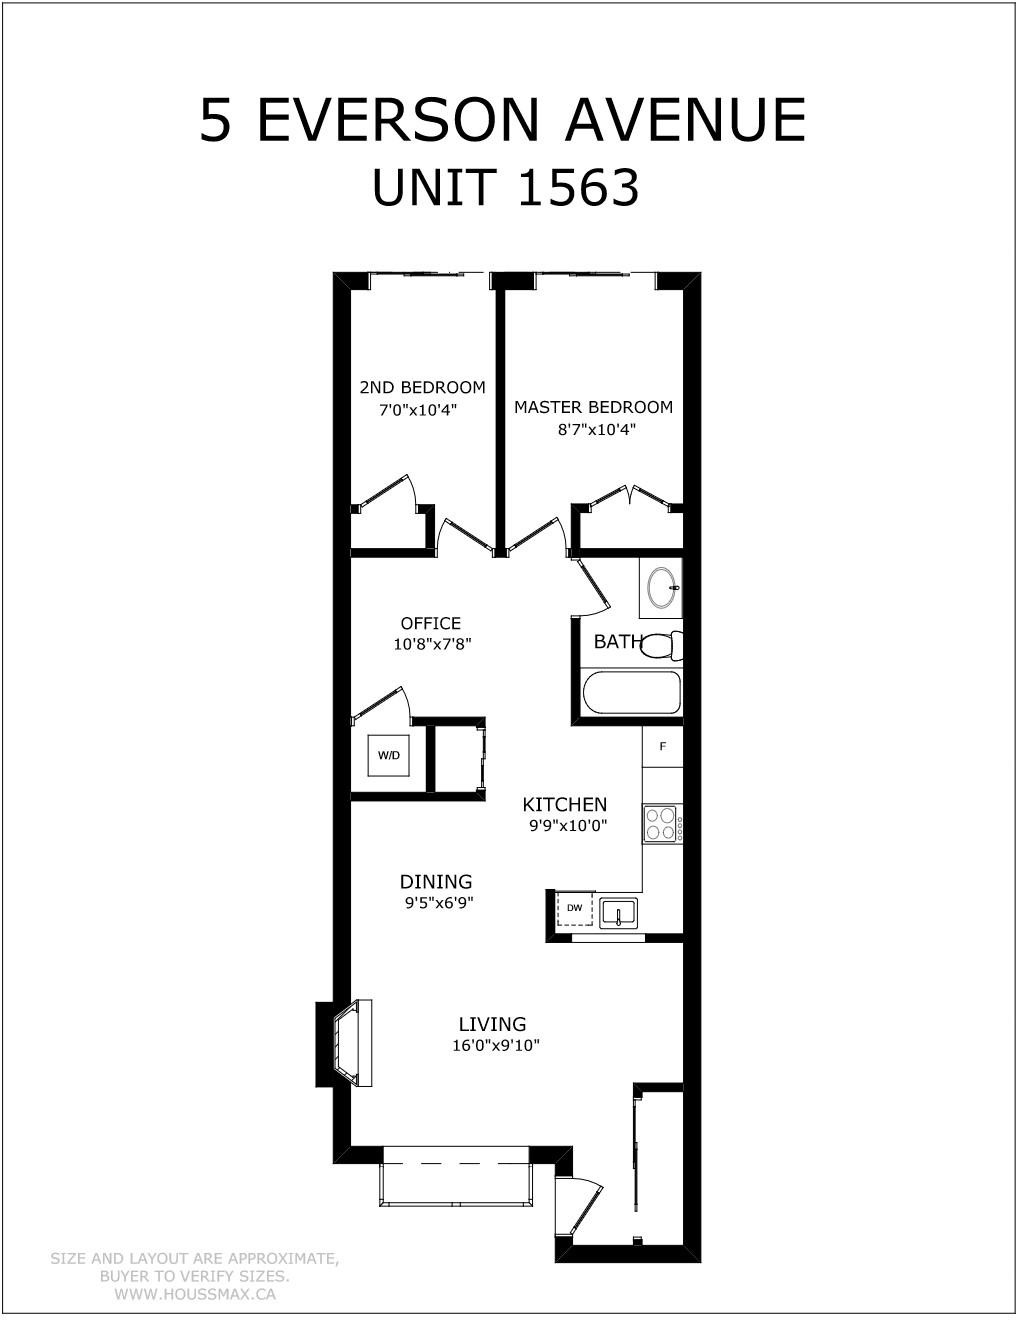 Floor plans for 5 Everson Dr Unit 1563